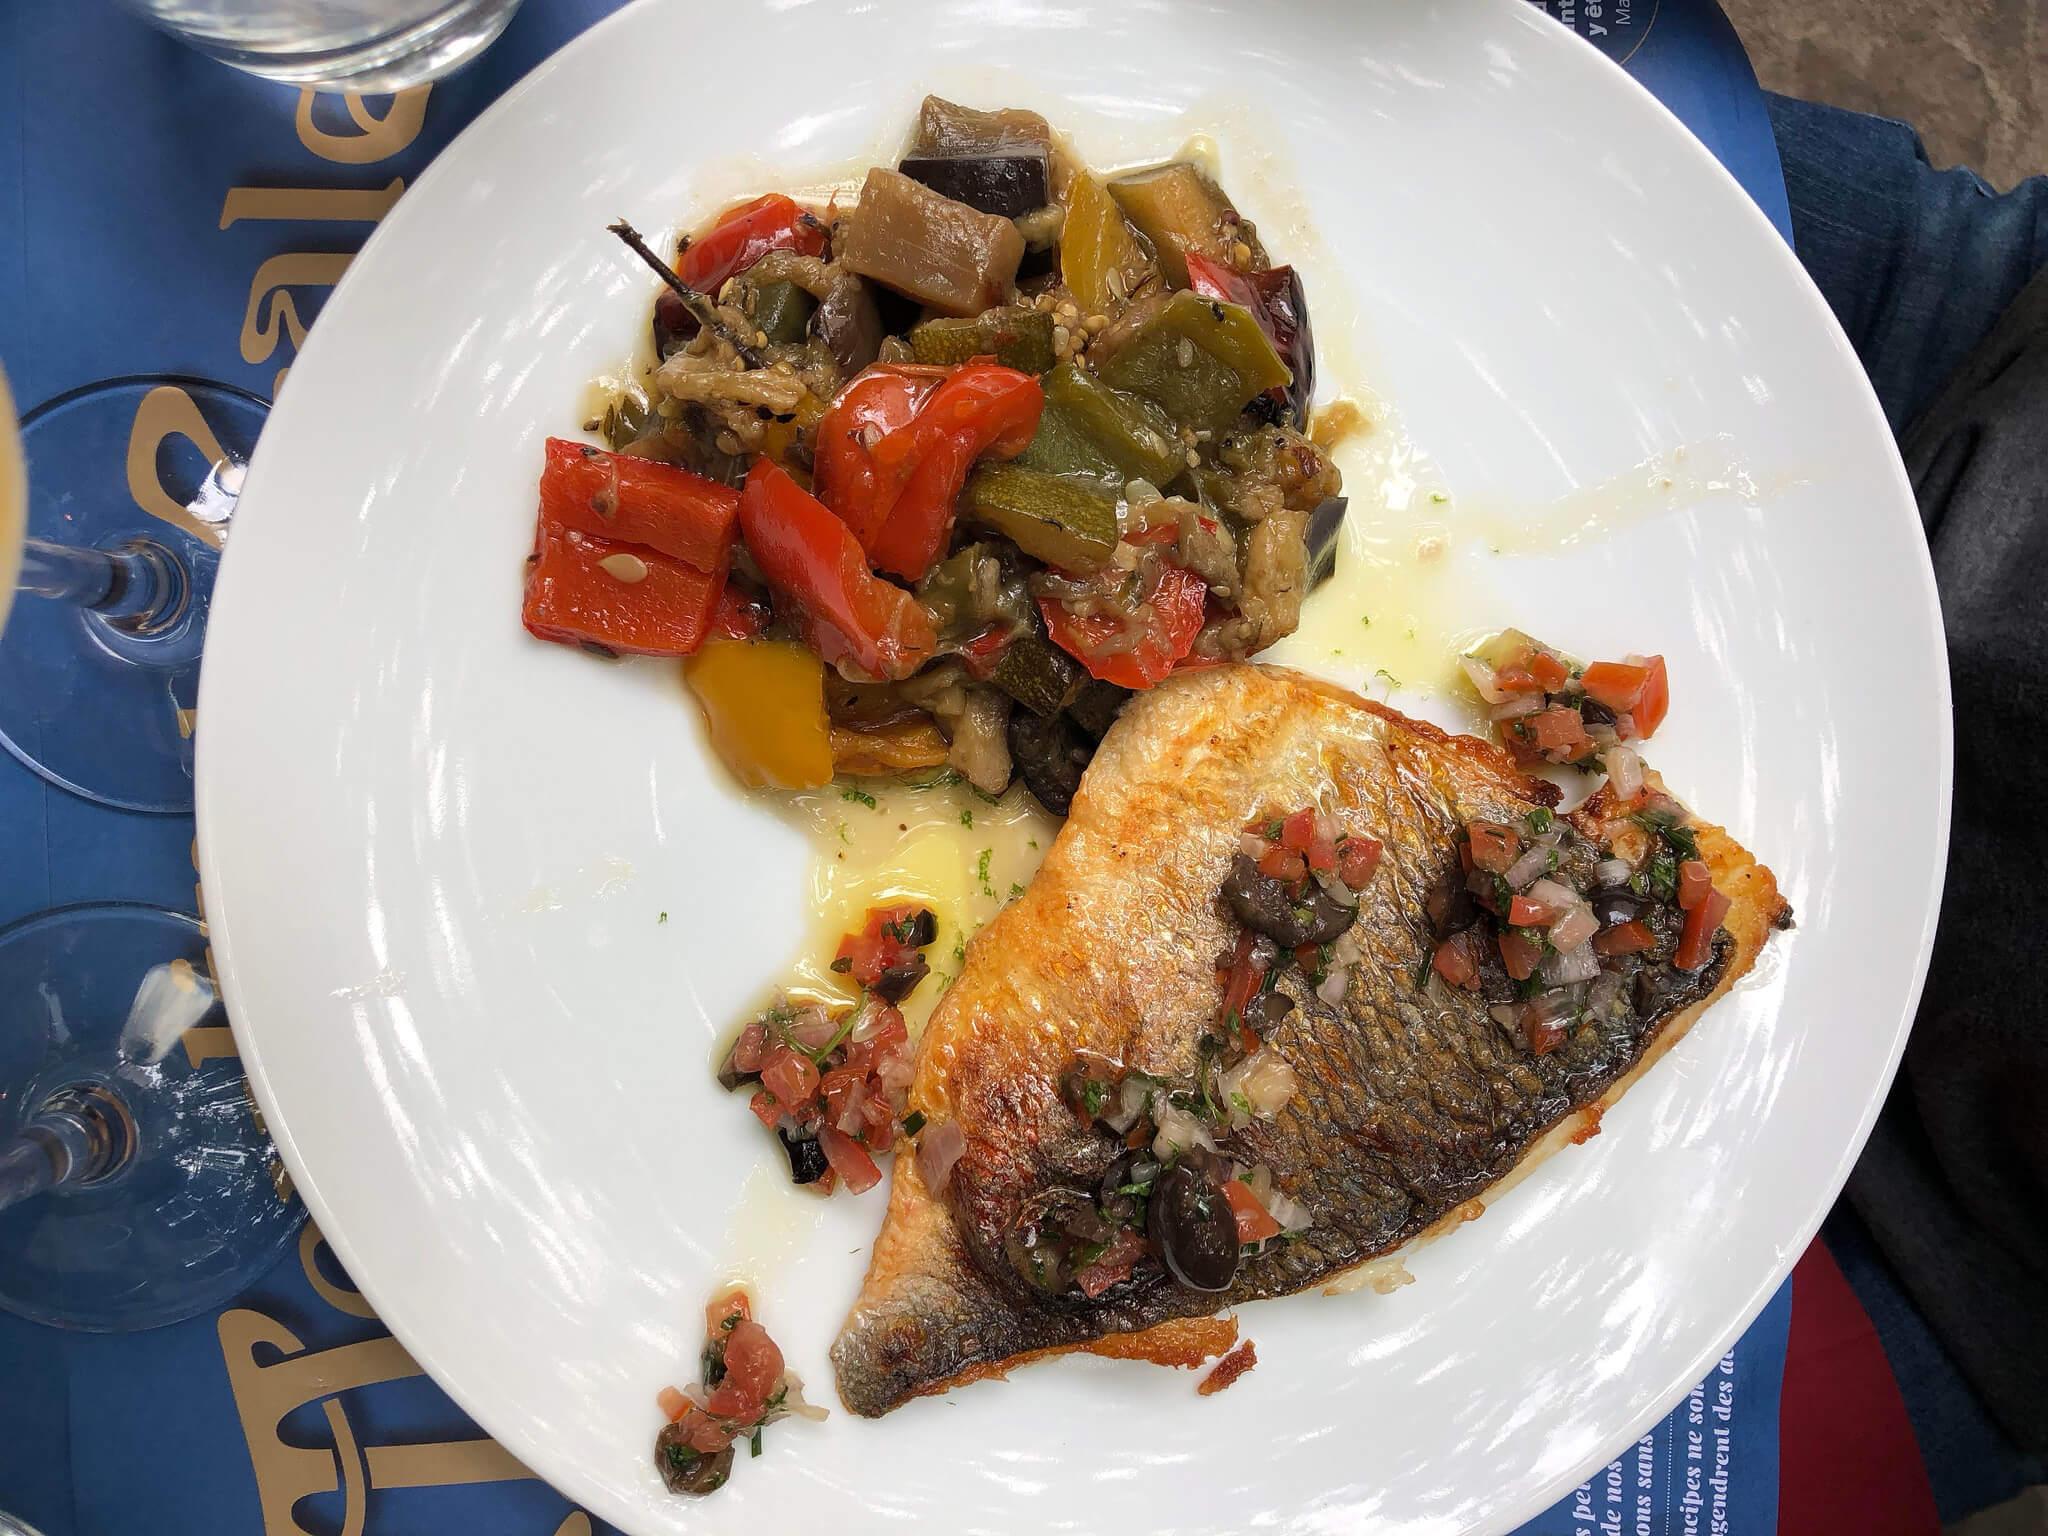 Fish and eggplant